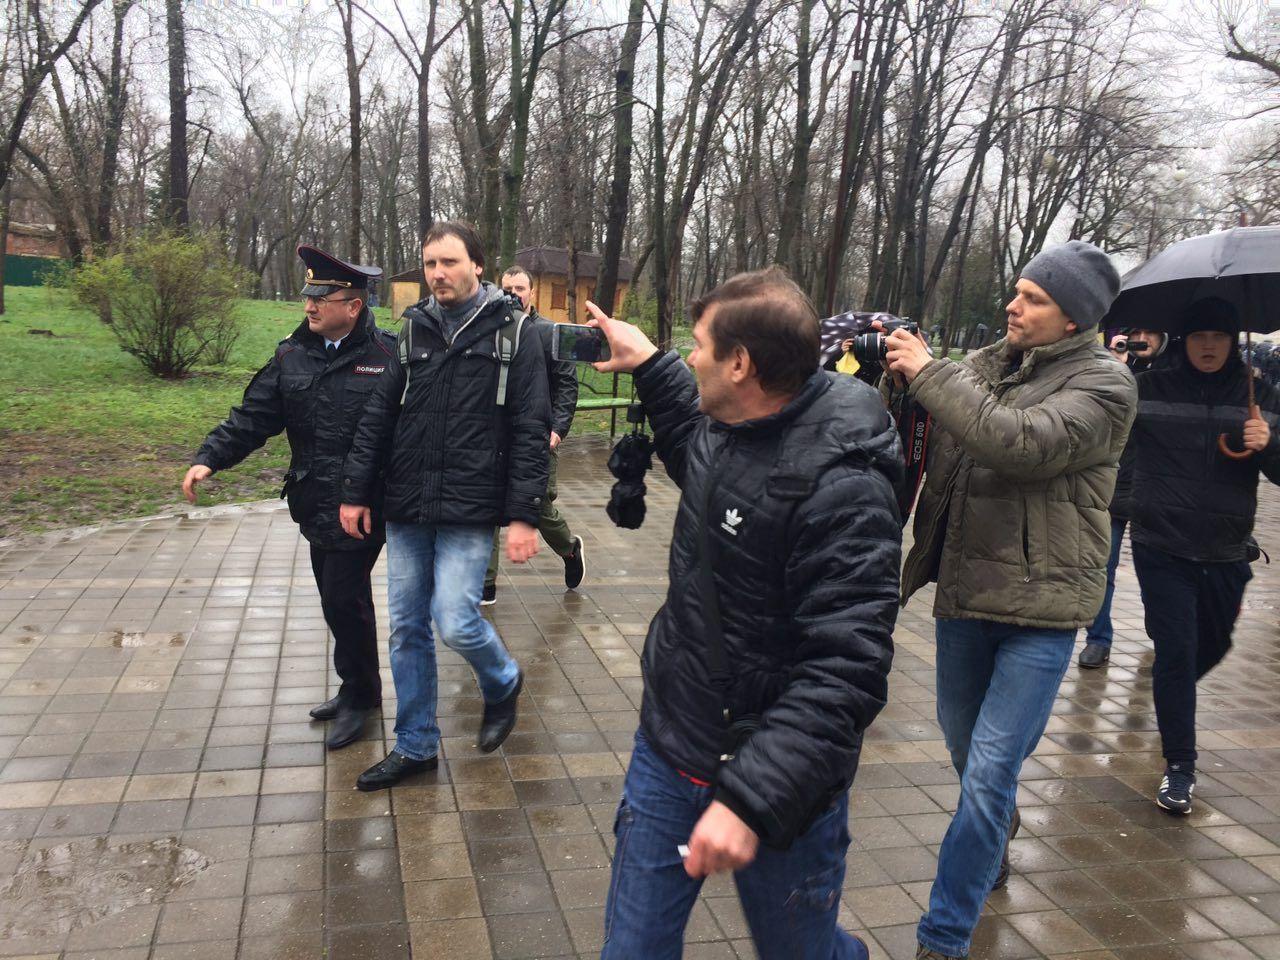 ВКраснодаре впроцессе несанкционированного митинга задержали 90 человек